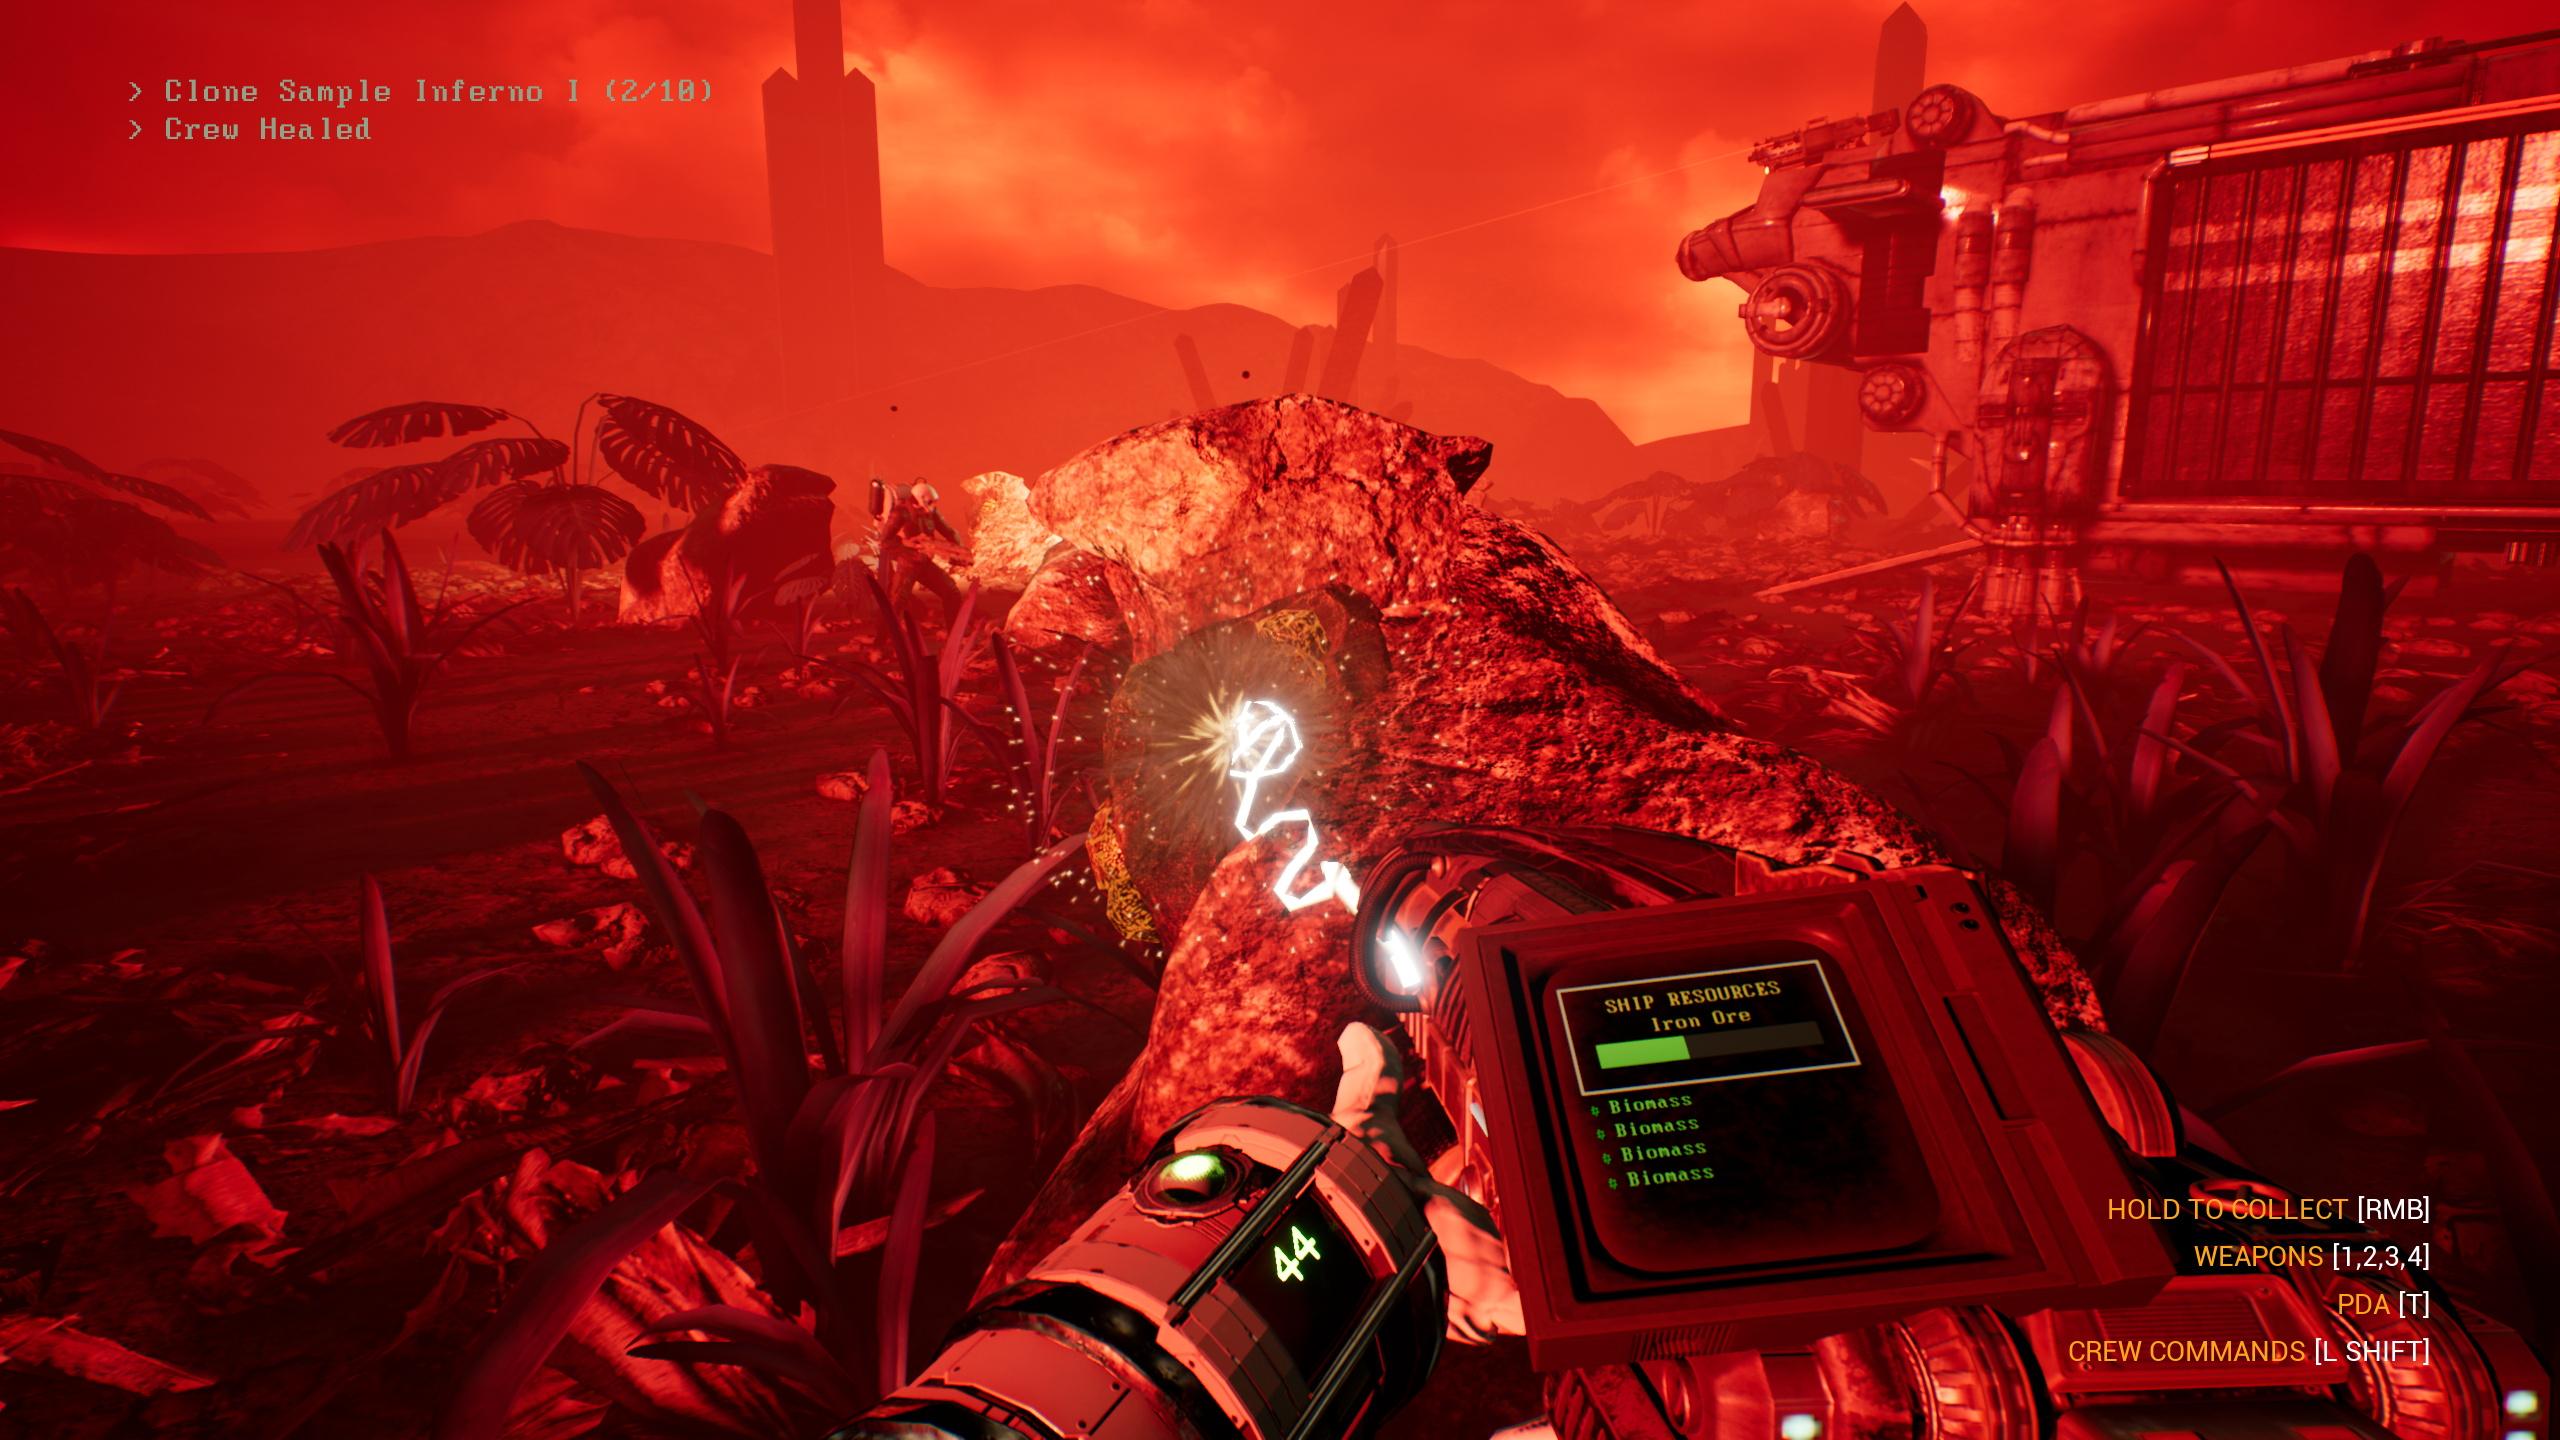 Astuce : le jeu est saturé de couleurs criardes et d'éclairages violents, ce qui en fait un excellent outil pour trouver les pixels morts sur votre moniteur.